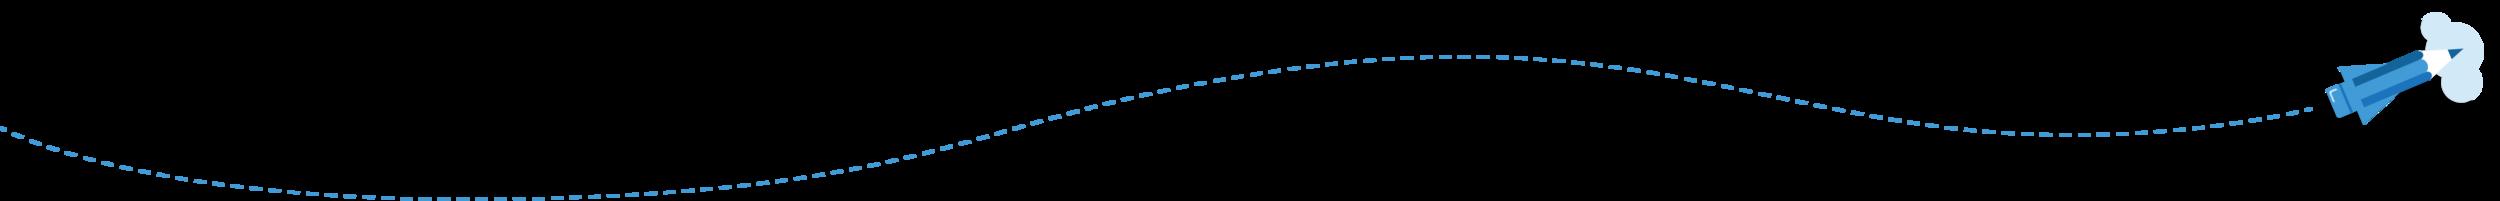 desklodge_flying-rocket (1).png